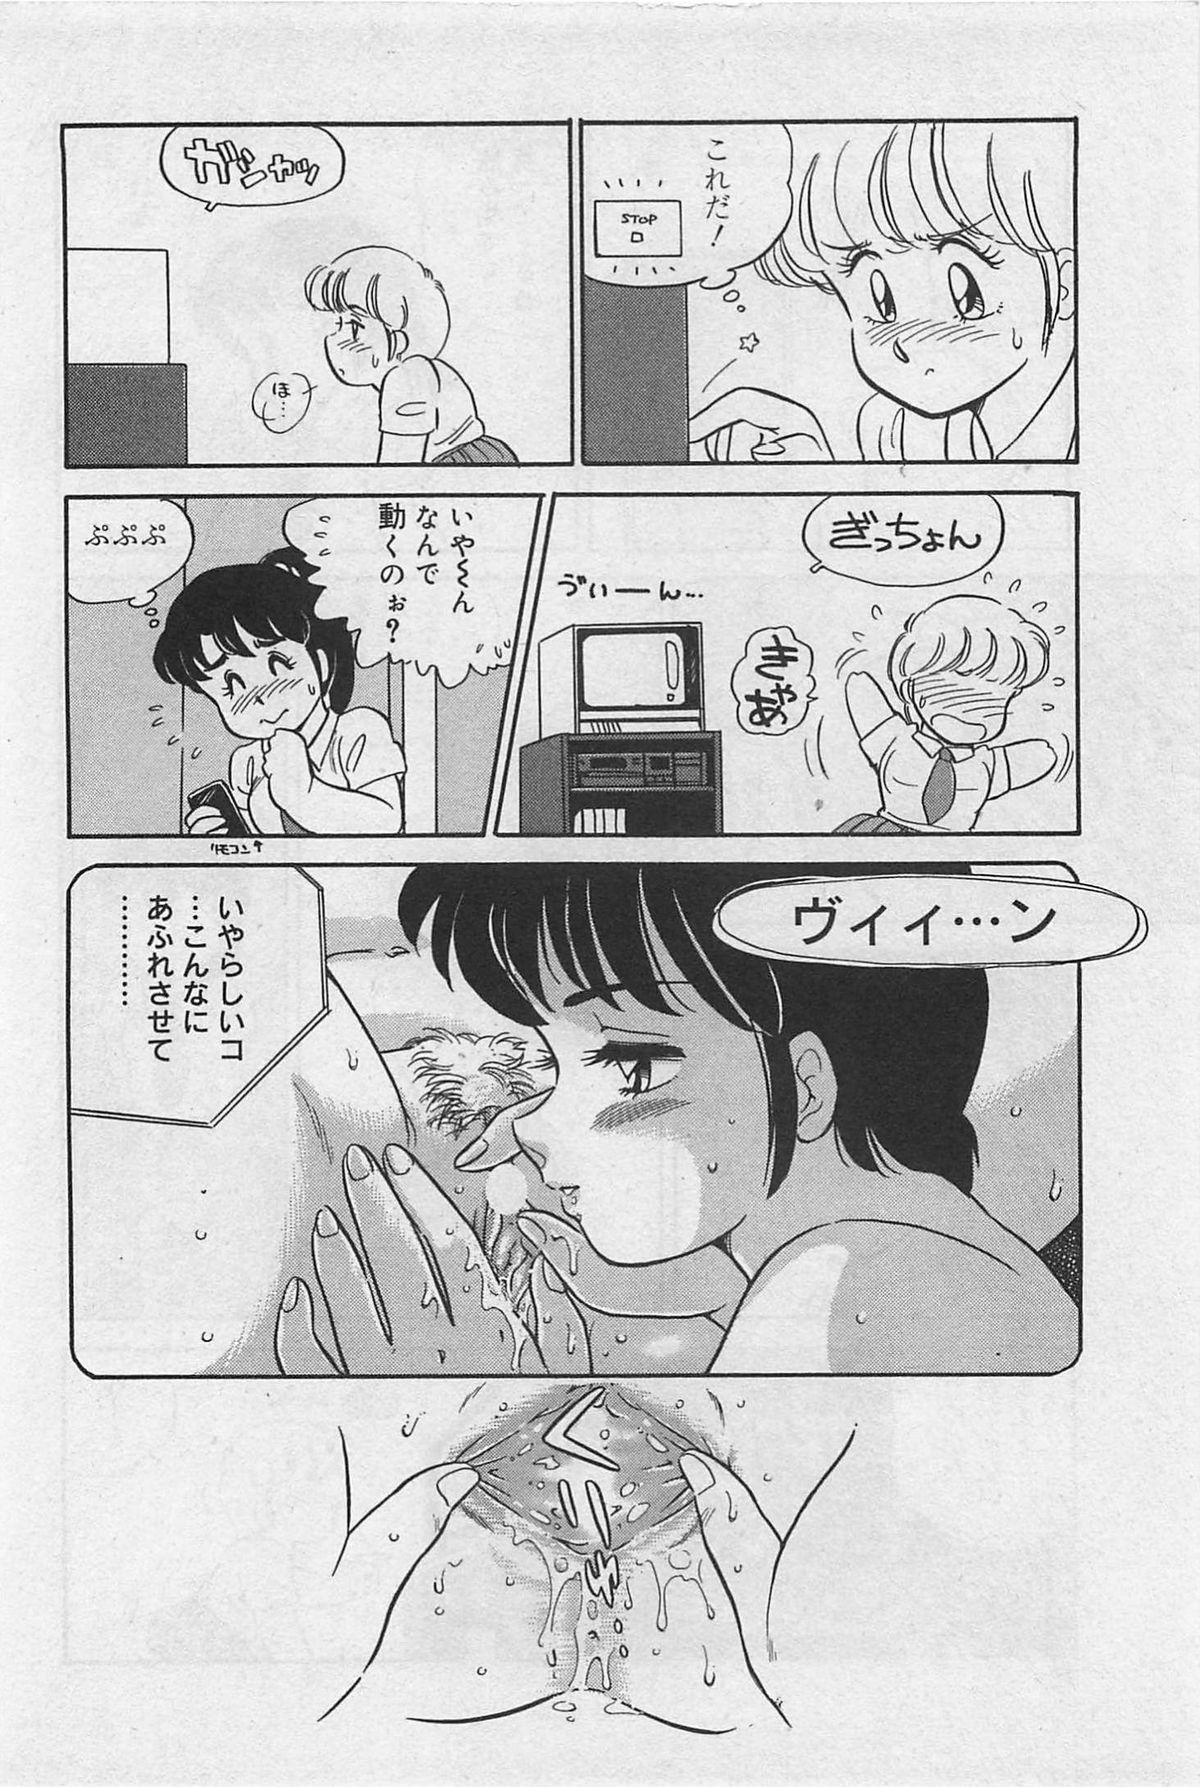 Sensitive 97